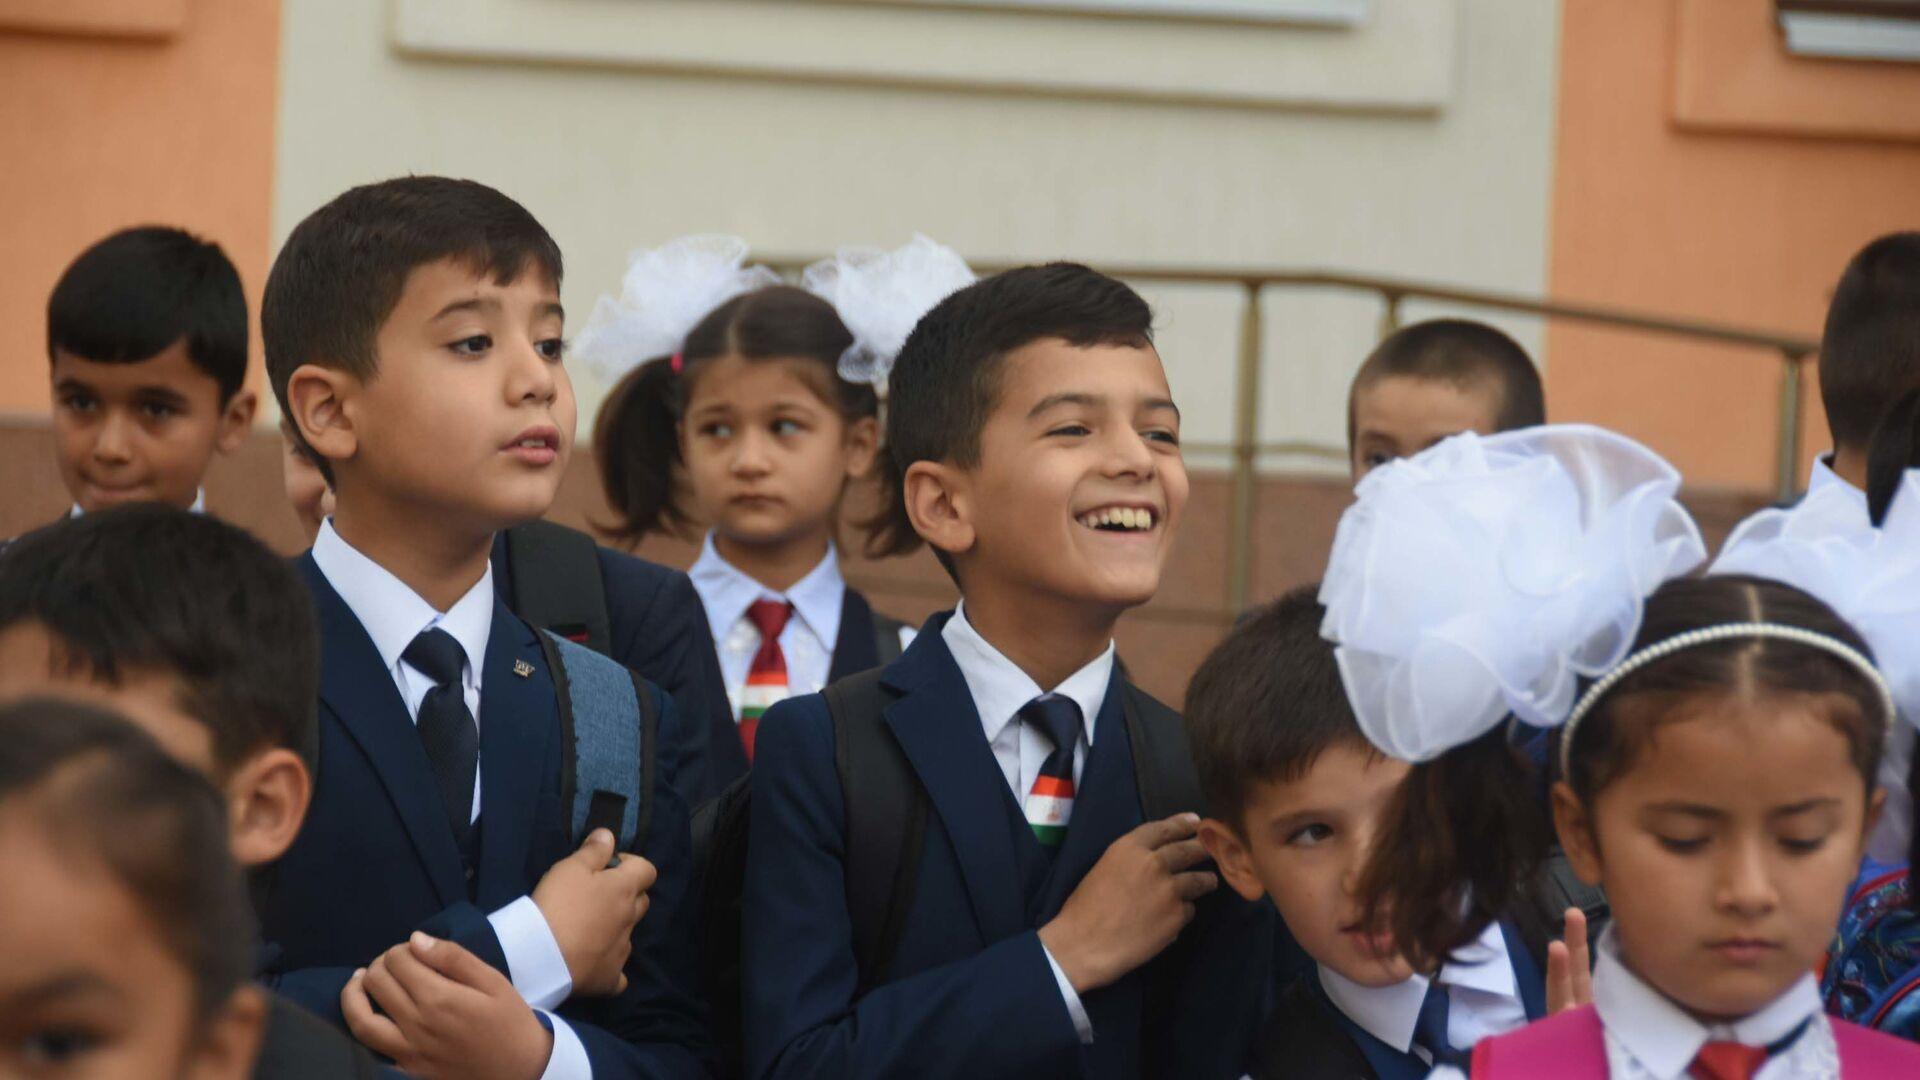 Таджикские школьники на линейке первого сентября новой школы №31 - Sputnik Таджикистан, 1920, 26.02.2021